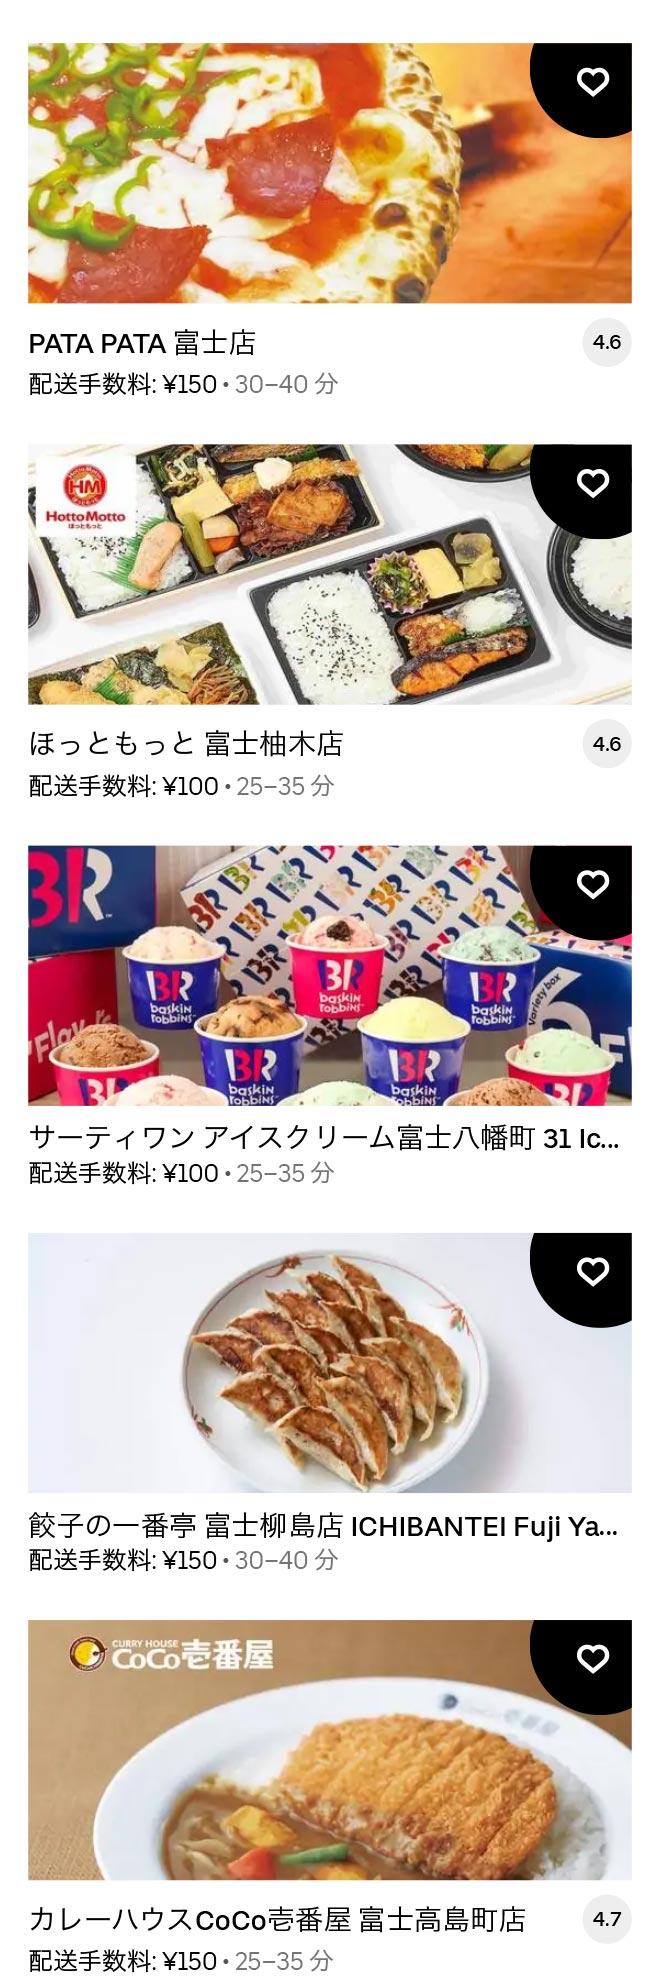 U fuji menu 2104 03